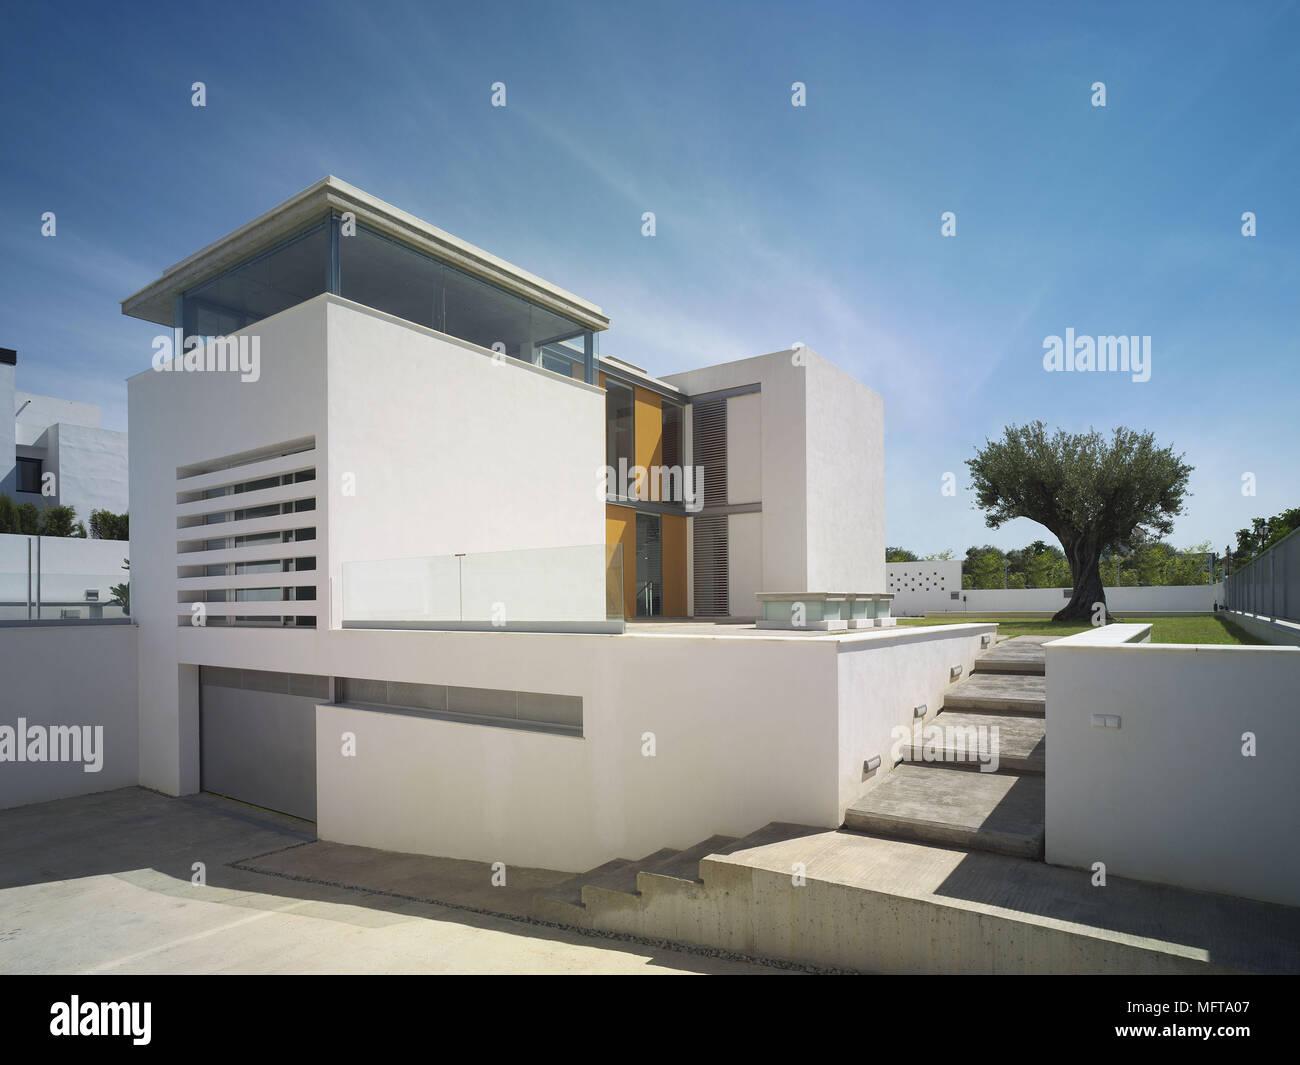 Exterieur De Maison Moderne Avec Jardin Minimaliste Banque D Images